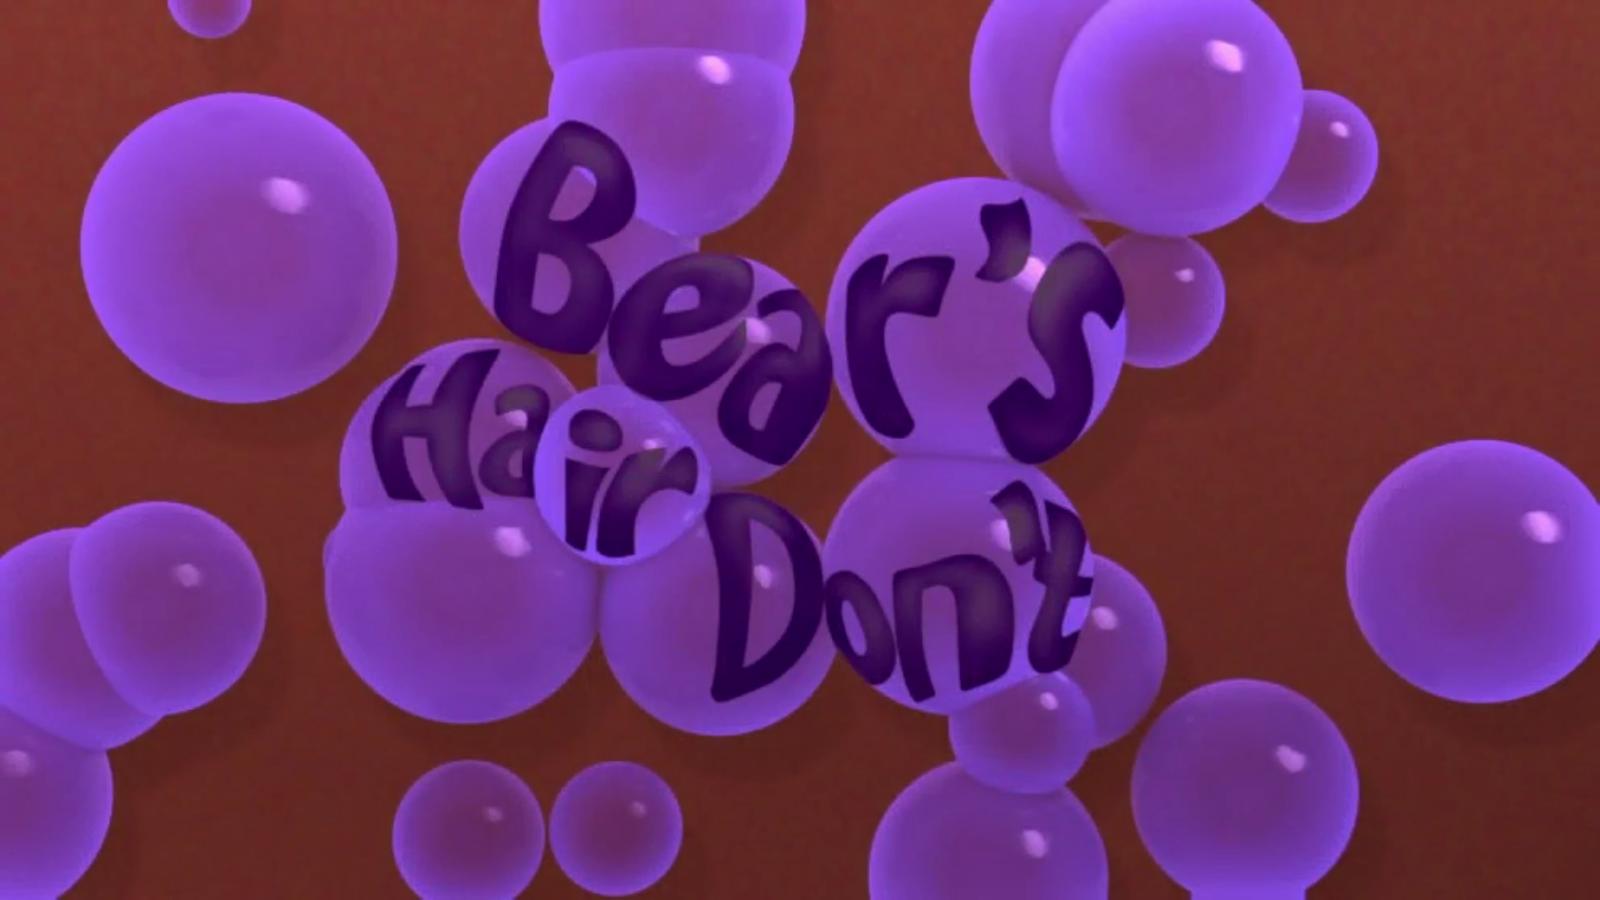 Bear's Hair Don't